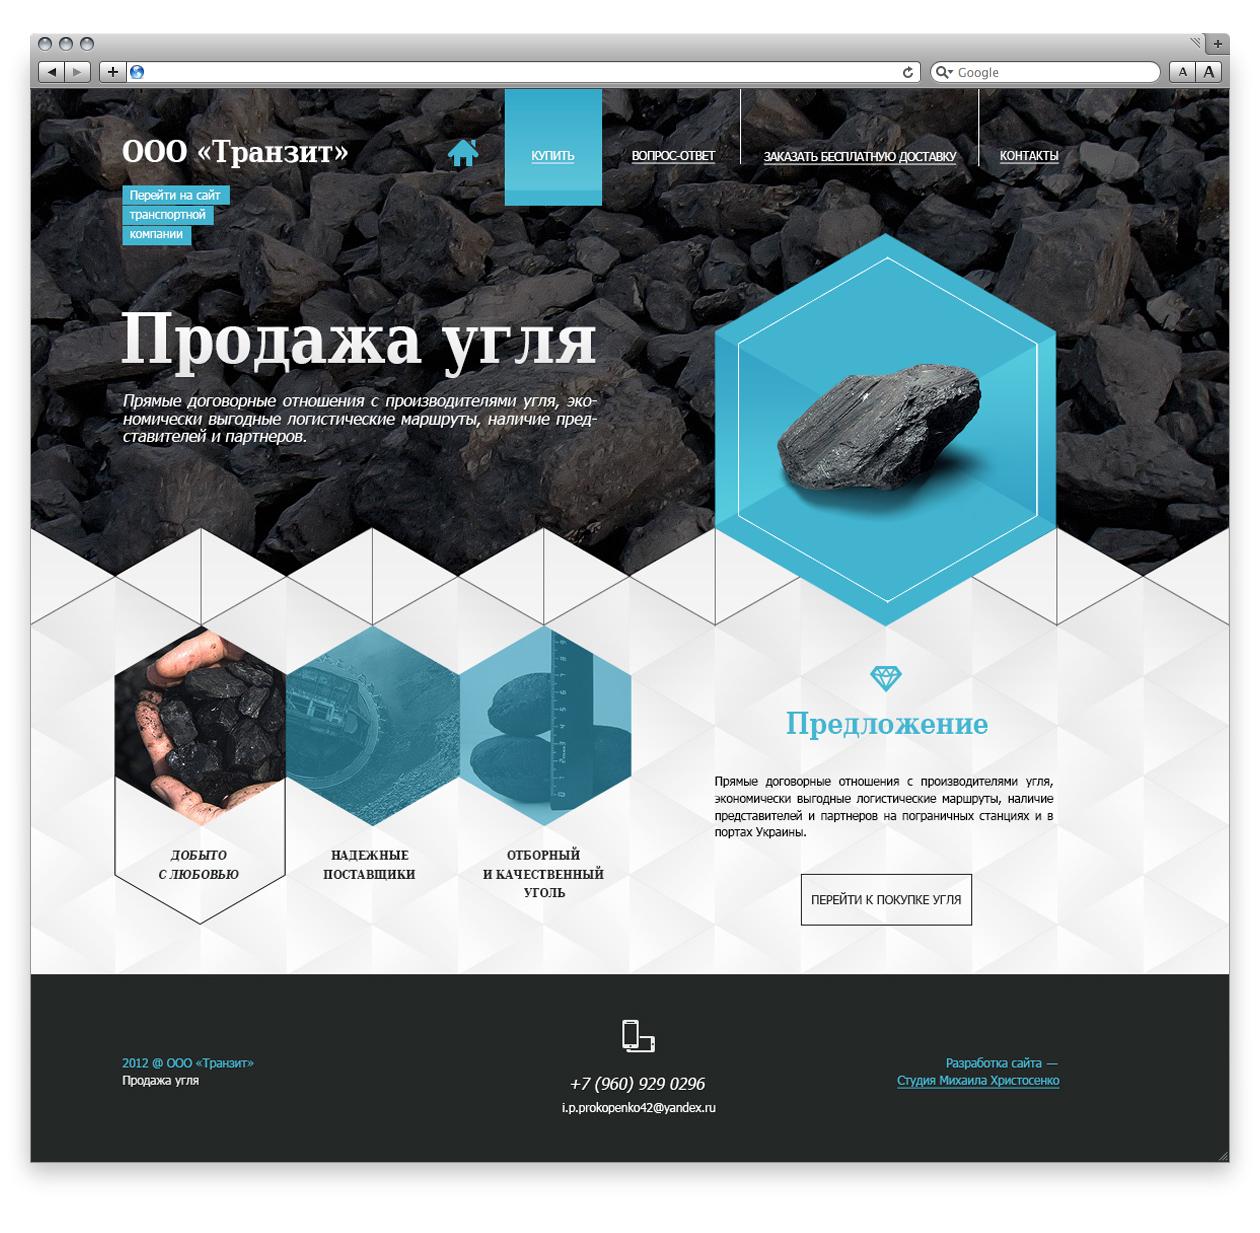 """Сайт по продаже каменного угля (""""Транзит"""")"""